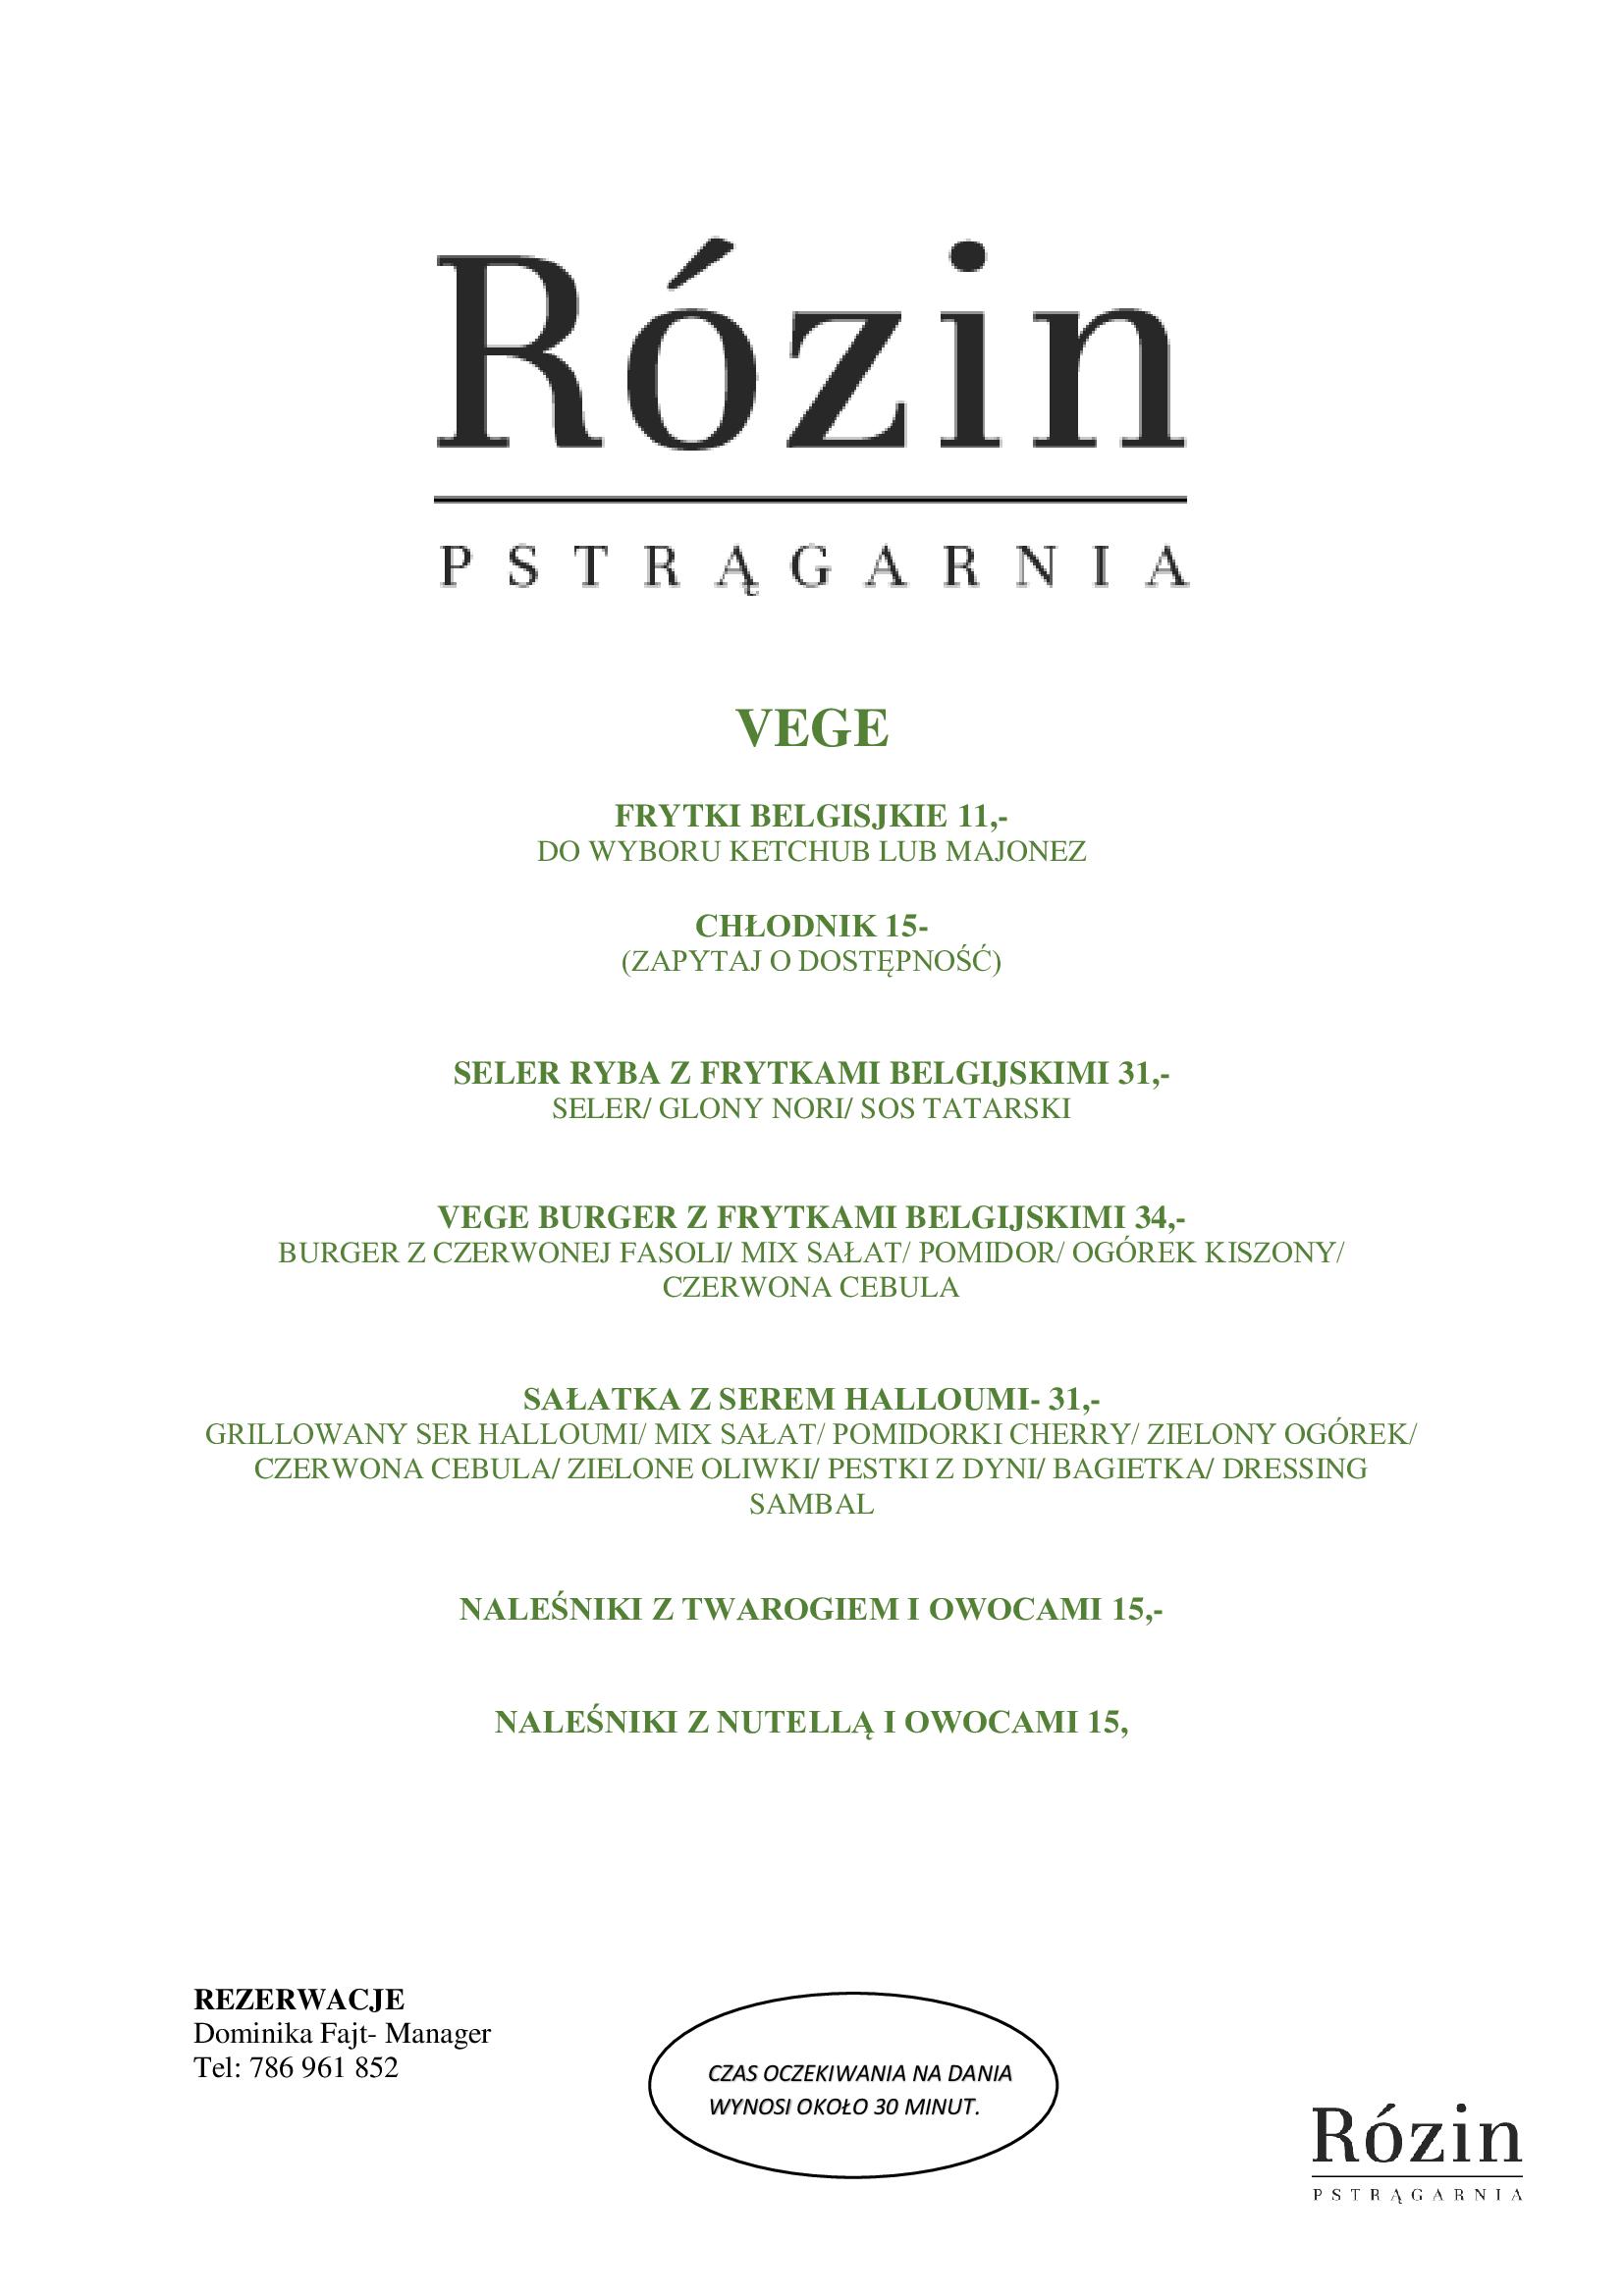 Restauracja Rózin 8